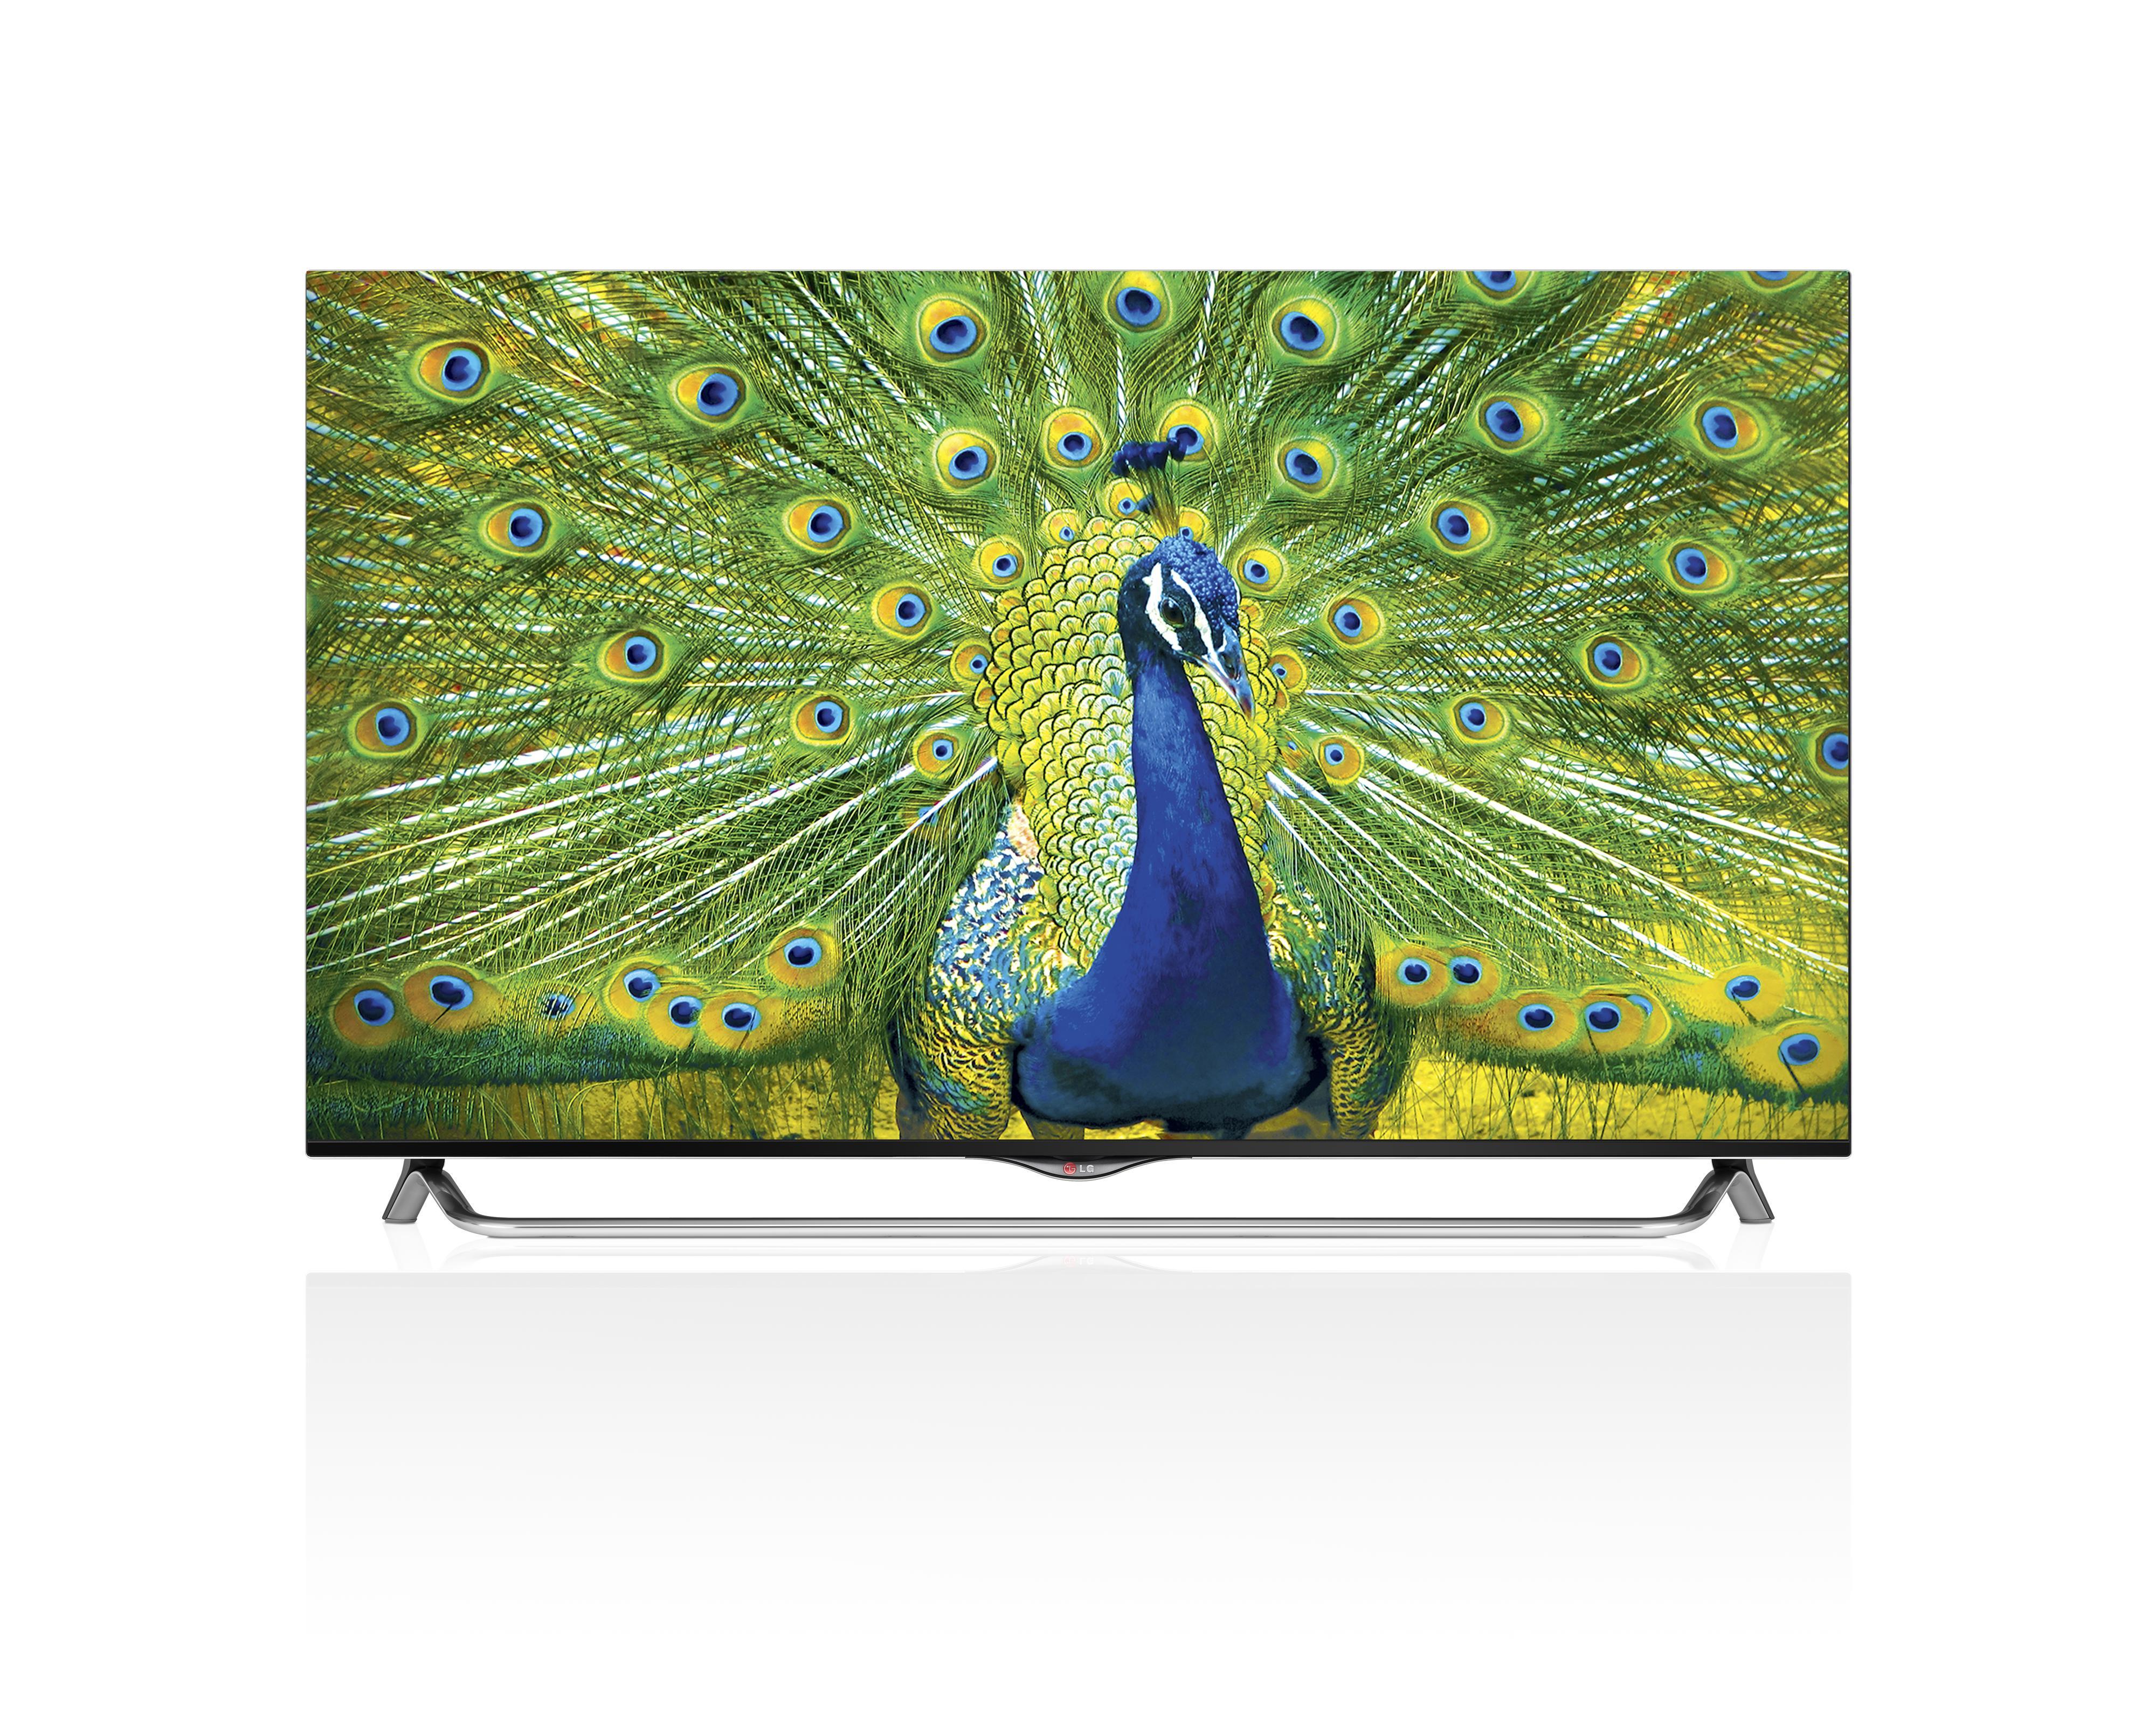 """LG Electronics LG LED TV - 2014 55"""" 2160P 4K HD SMART TV - Item Number: 55UB8500"""